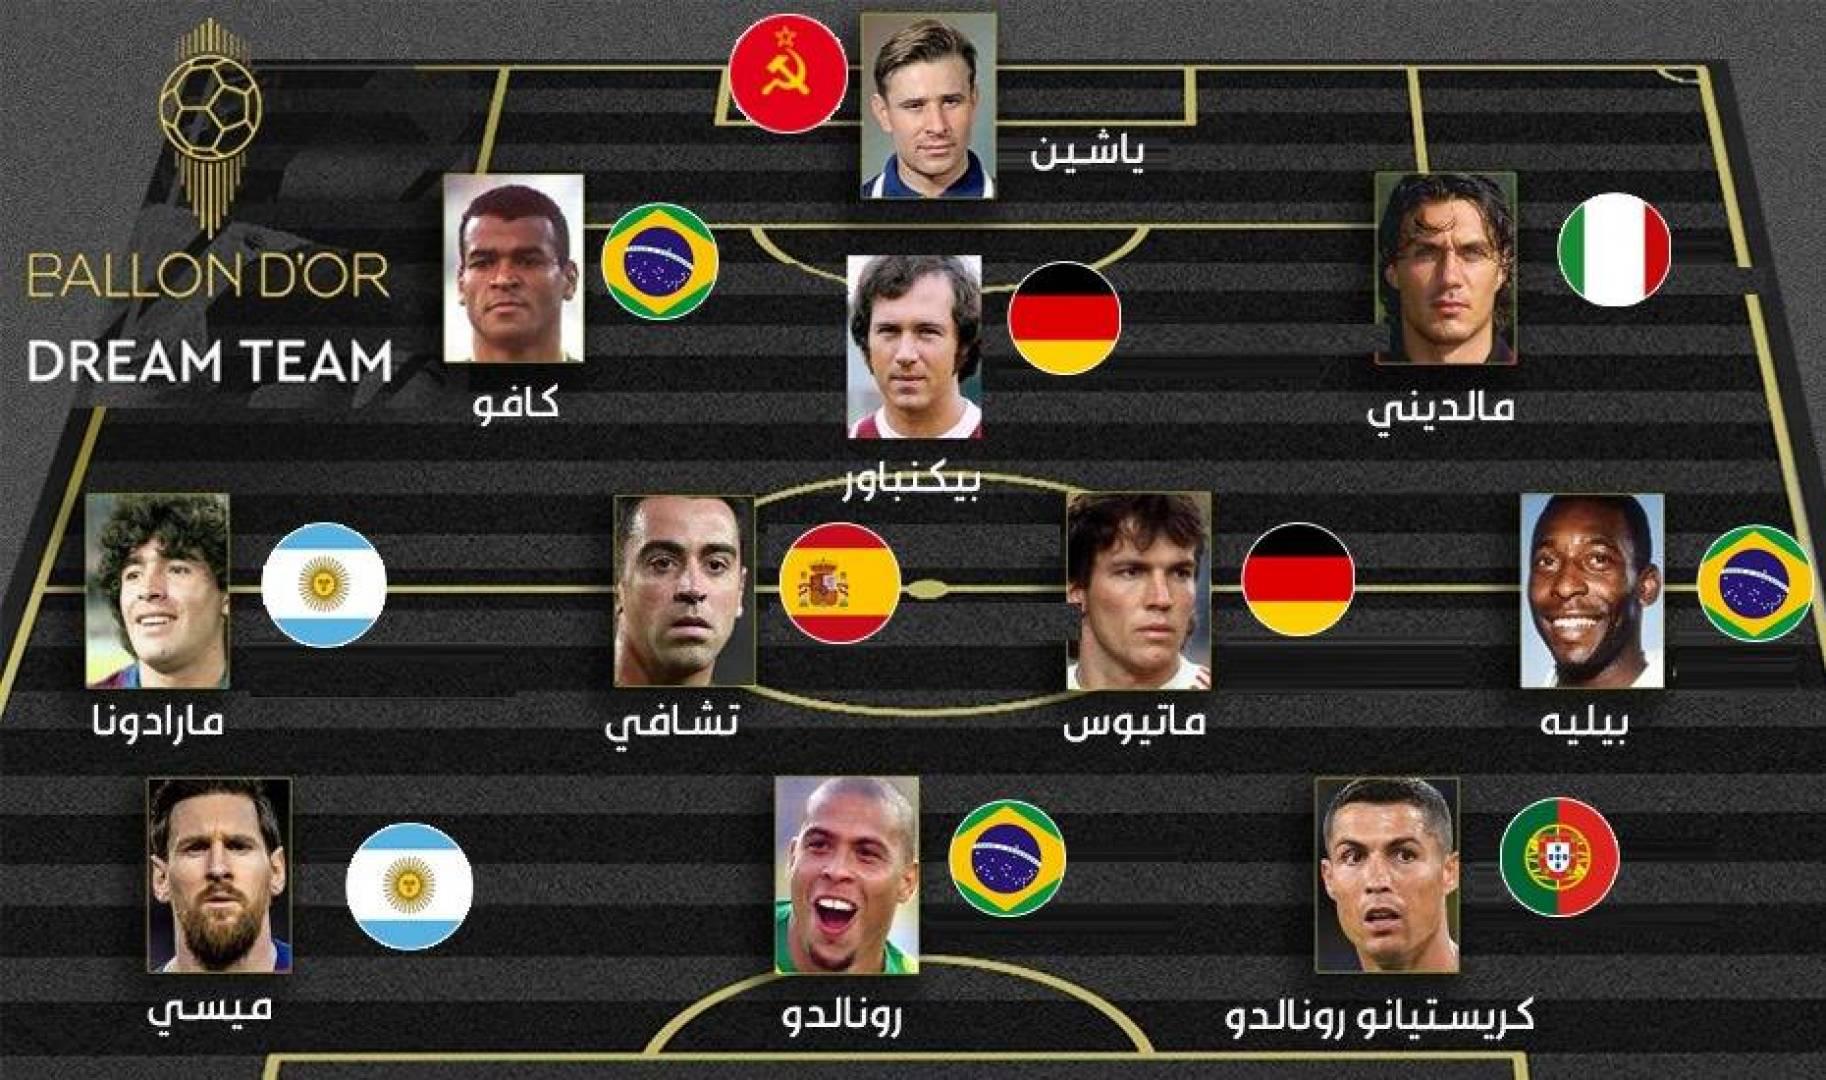 «فرانس فوتبول» تعلن القائمة النهائية لأفضل تشكيلة في تاريخ كرة القدم